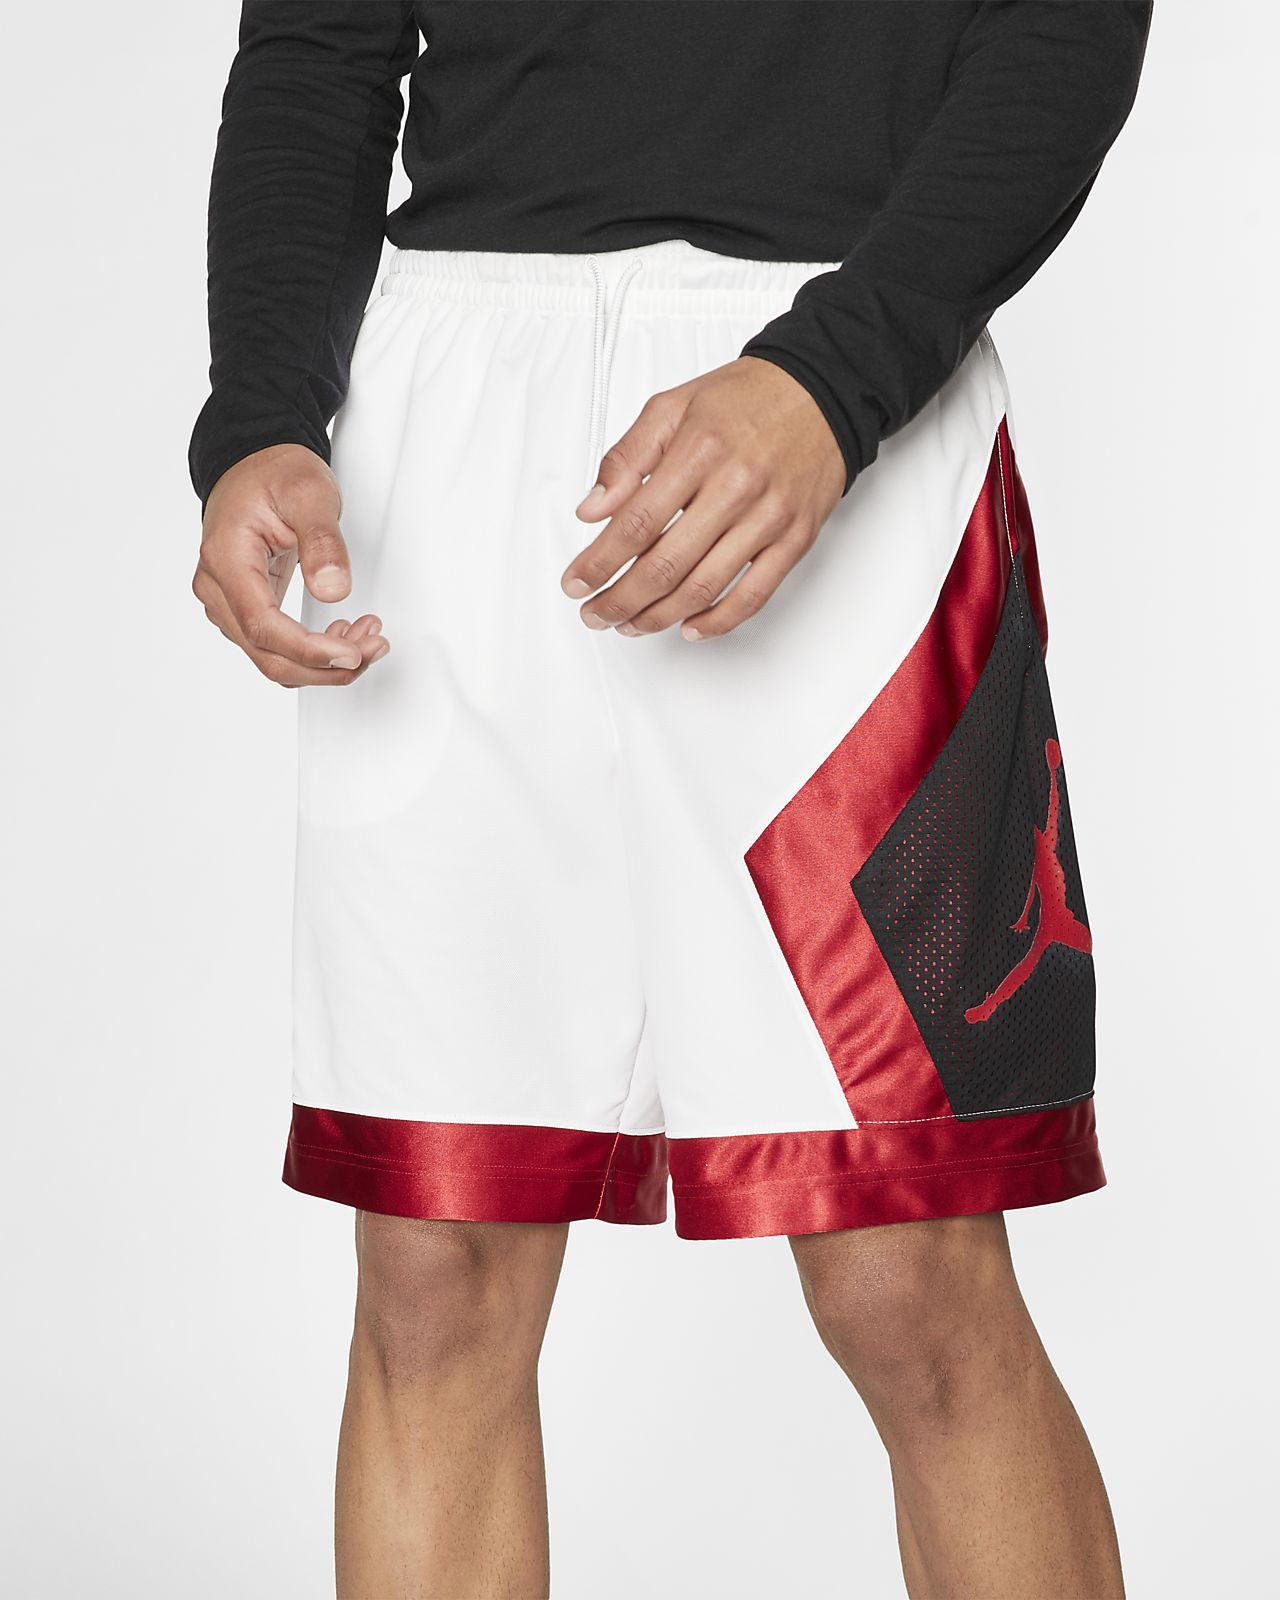 ジョーダン ジャンプマン ダイアモンド メンズ バスケットボールショートパンツ